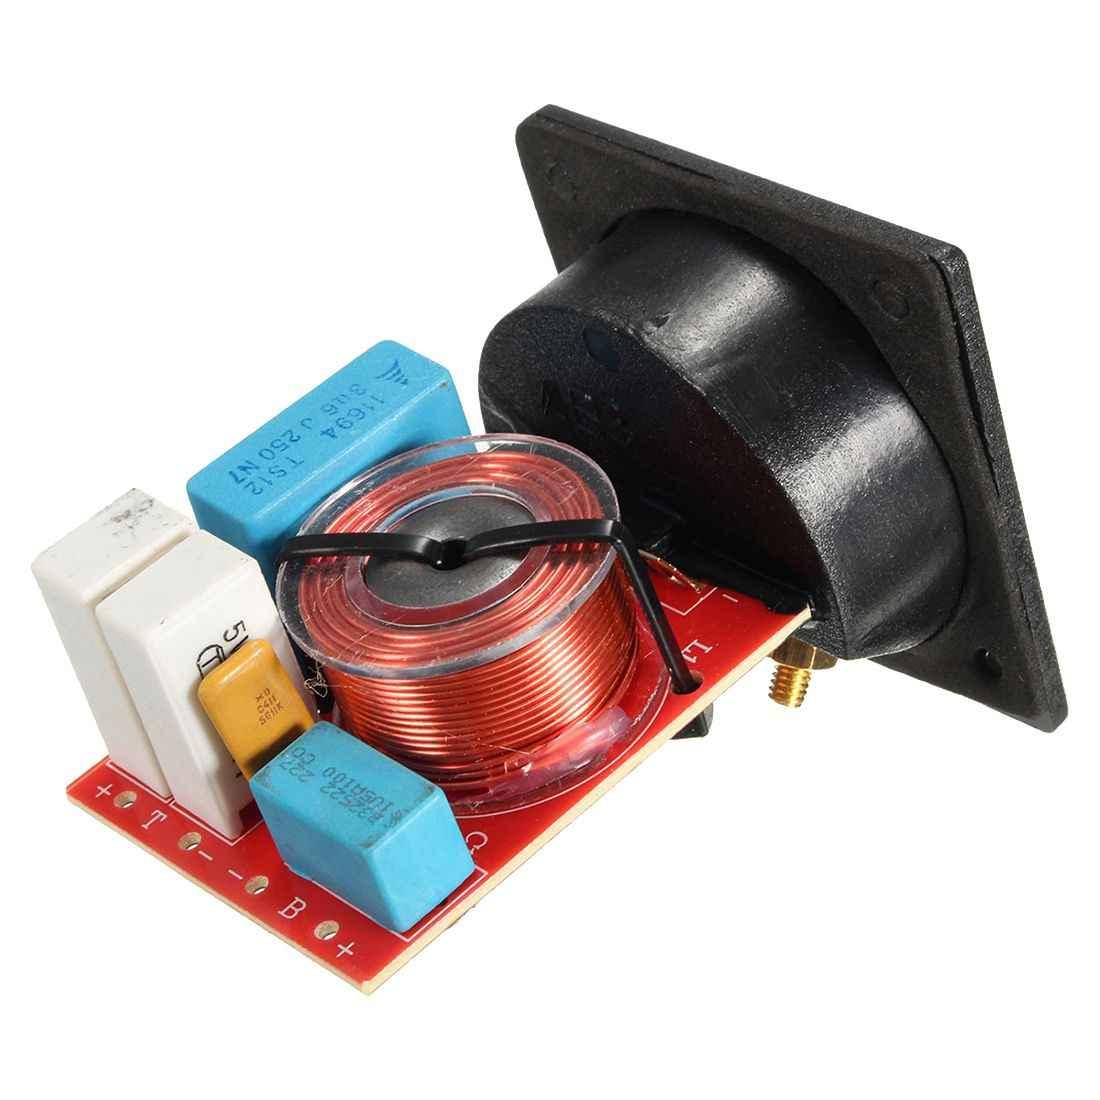 2 способа D222 спикер частоты Drvider кроссовер фильтры